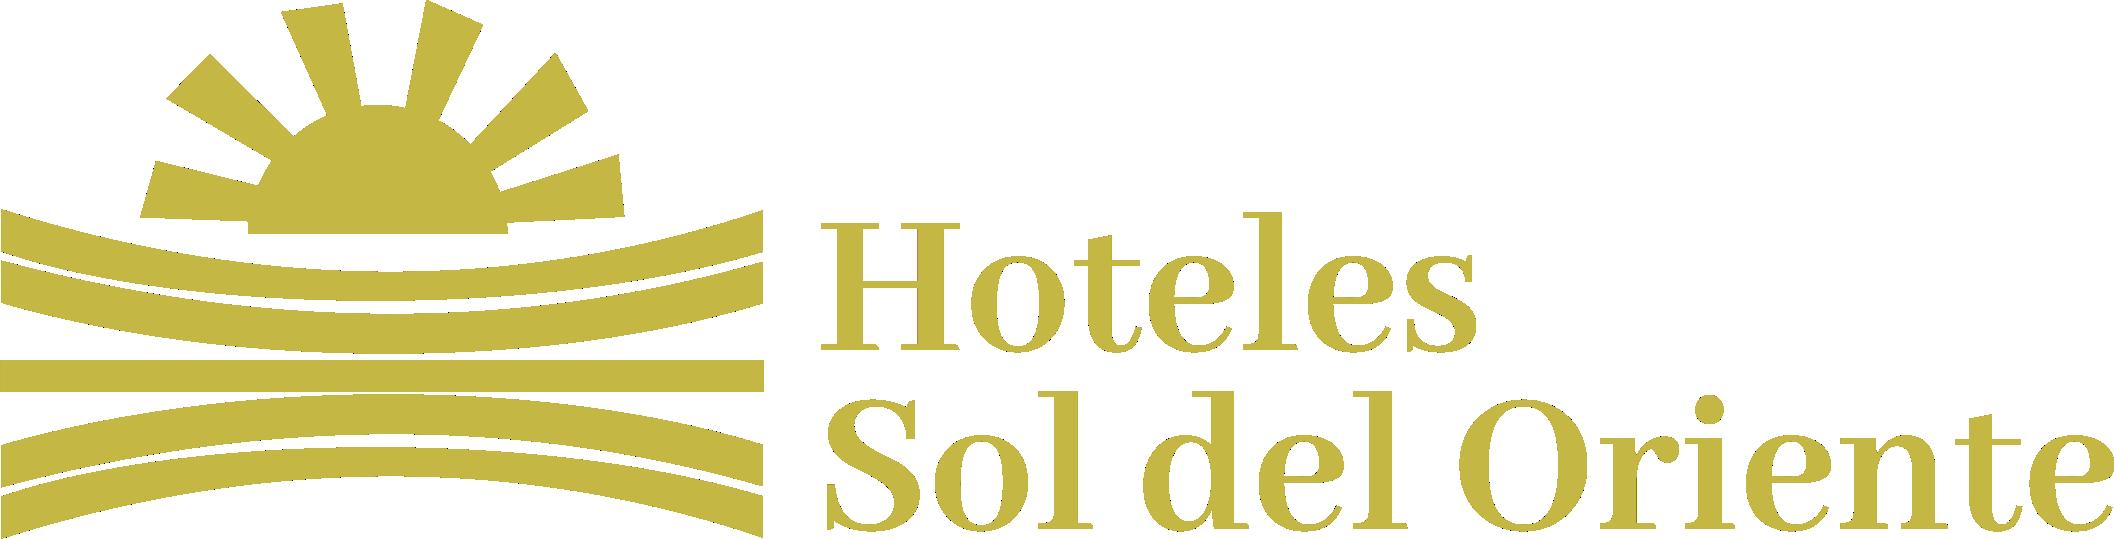 LOGO-SOL-DEL-ORIENTE-dorado2.png